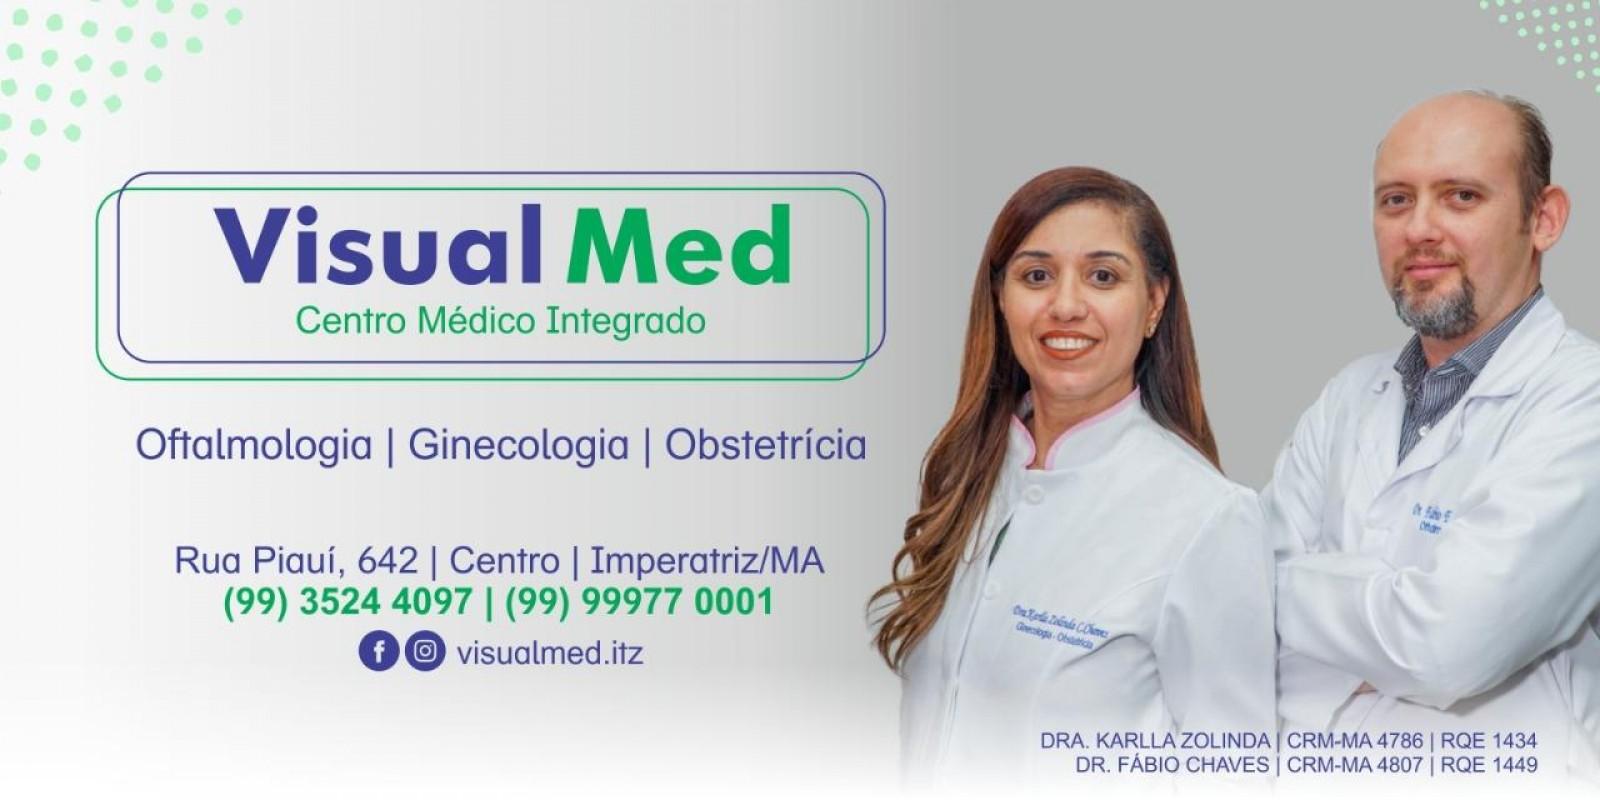 Visual Med